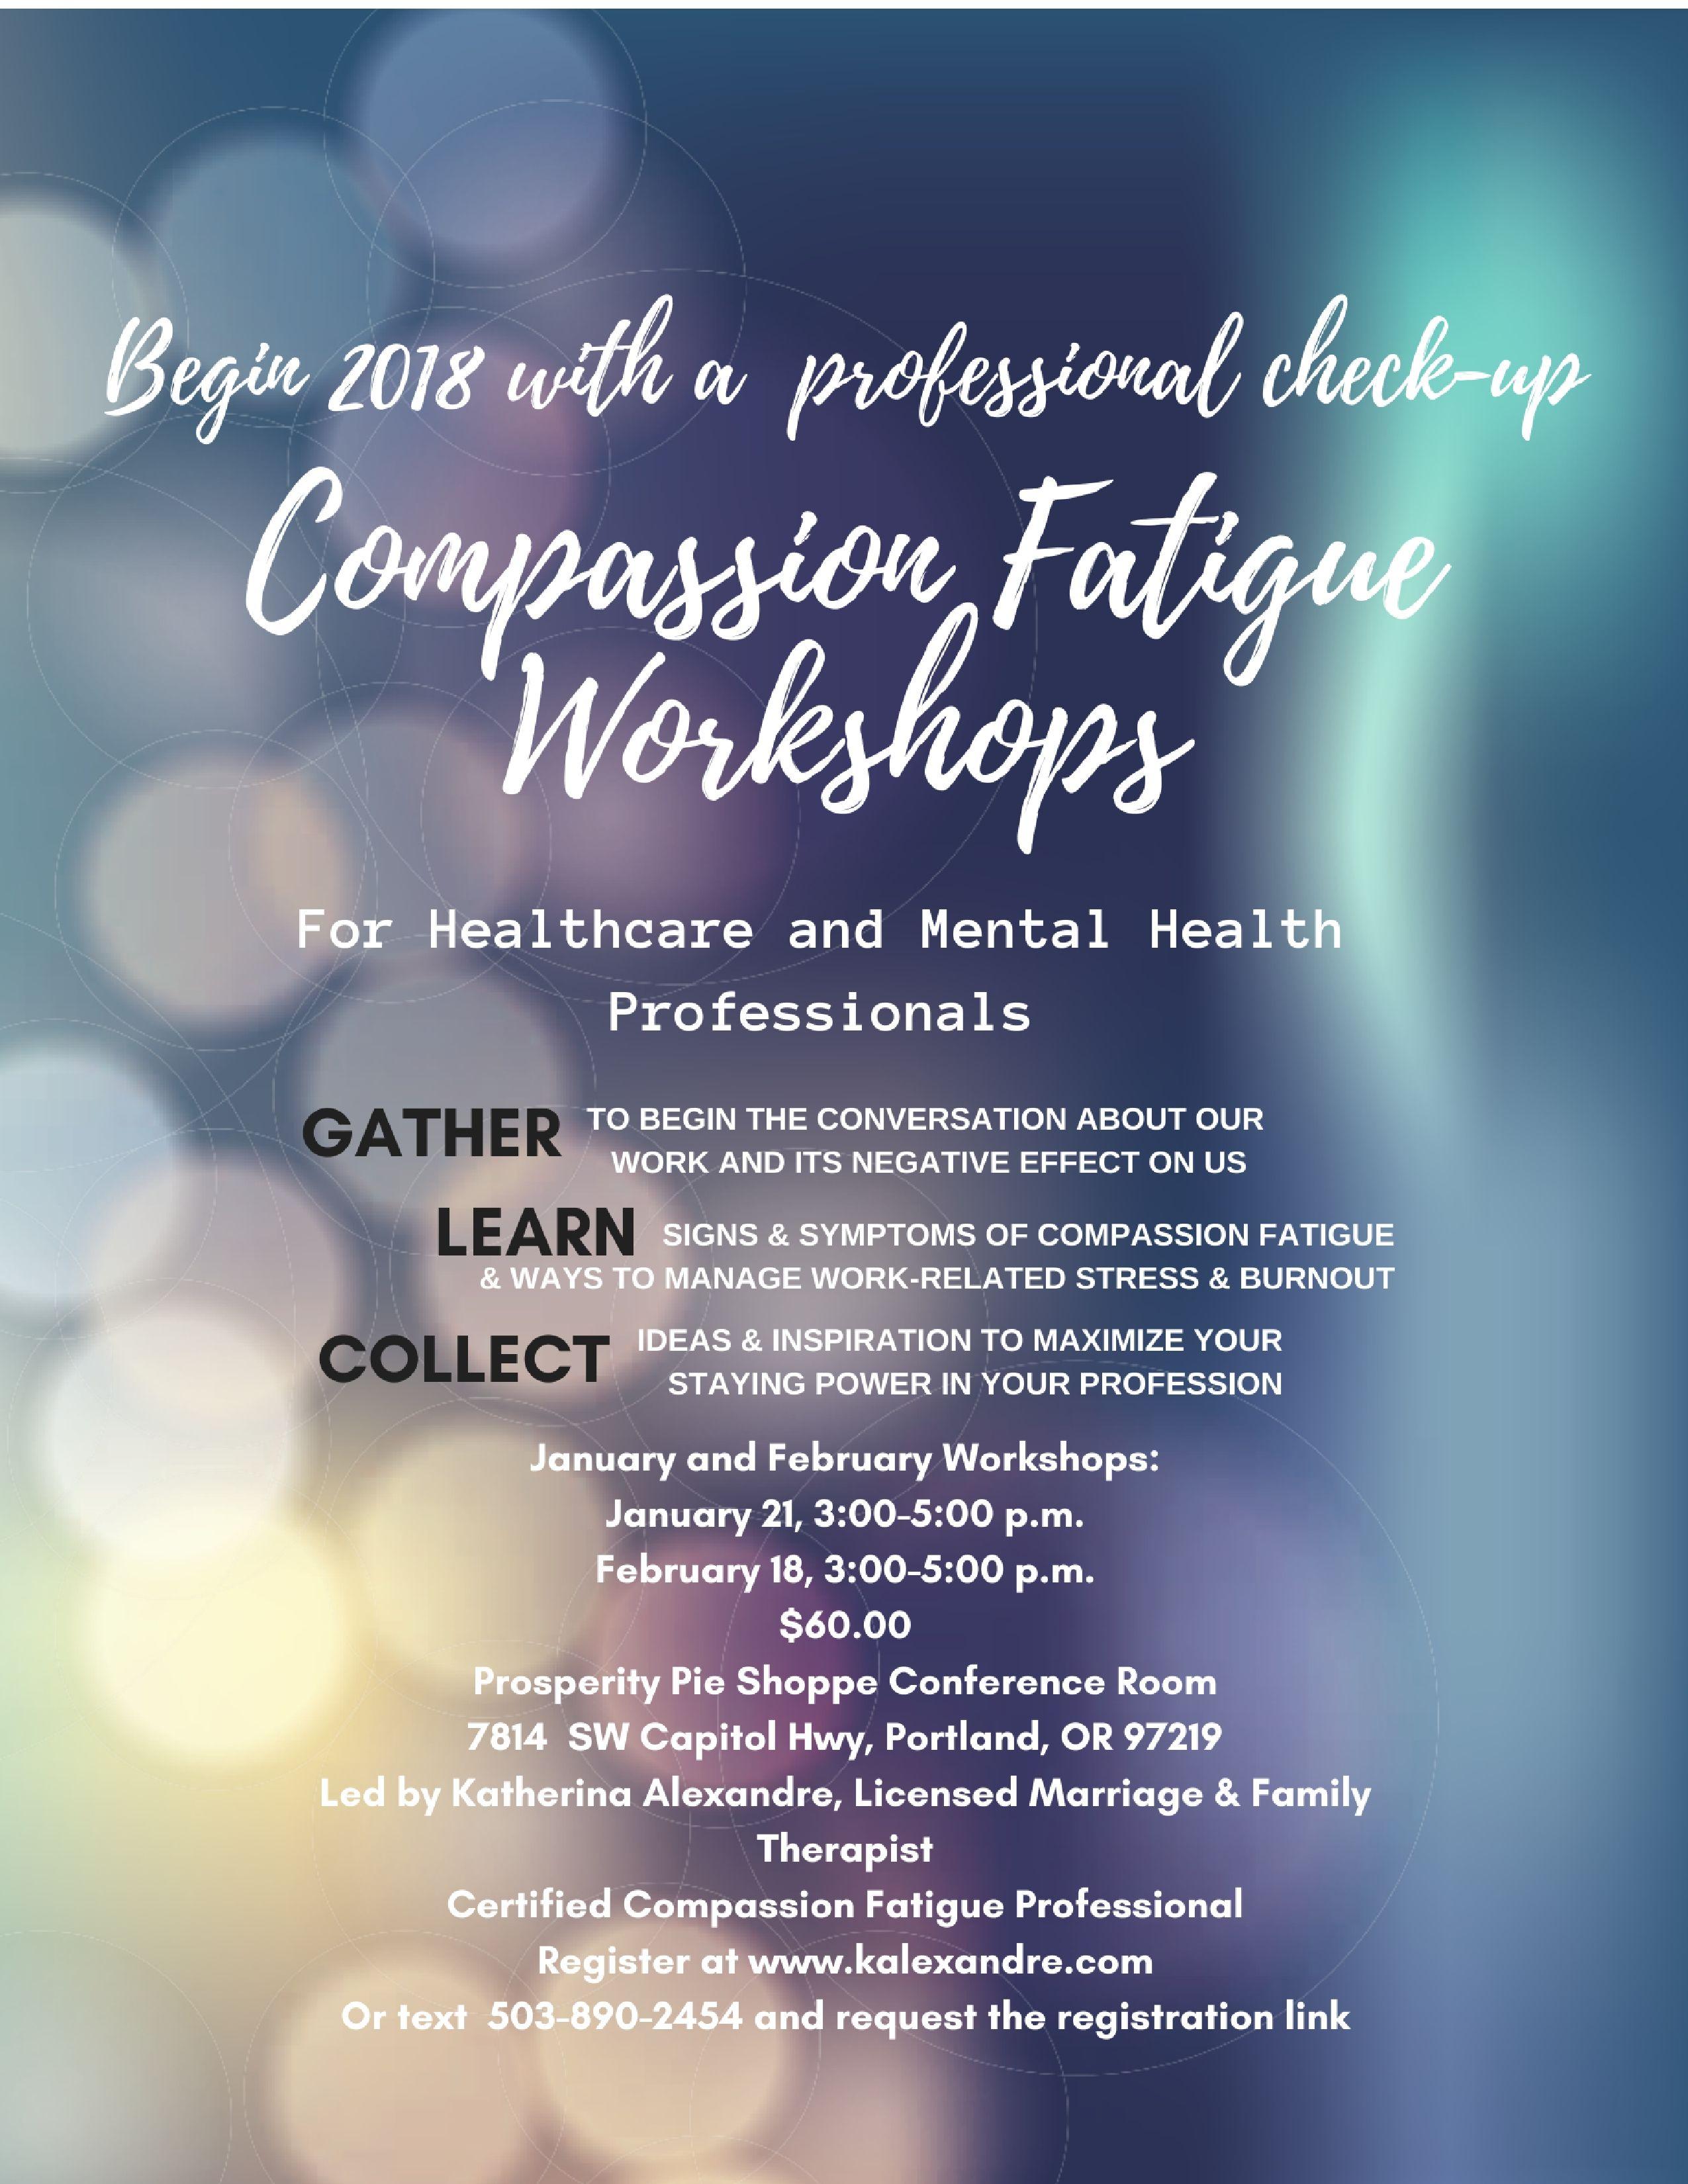 workshops for mental health professionals